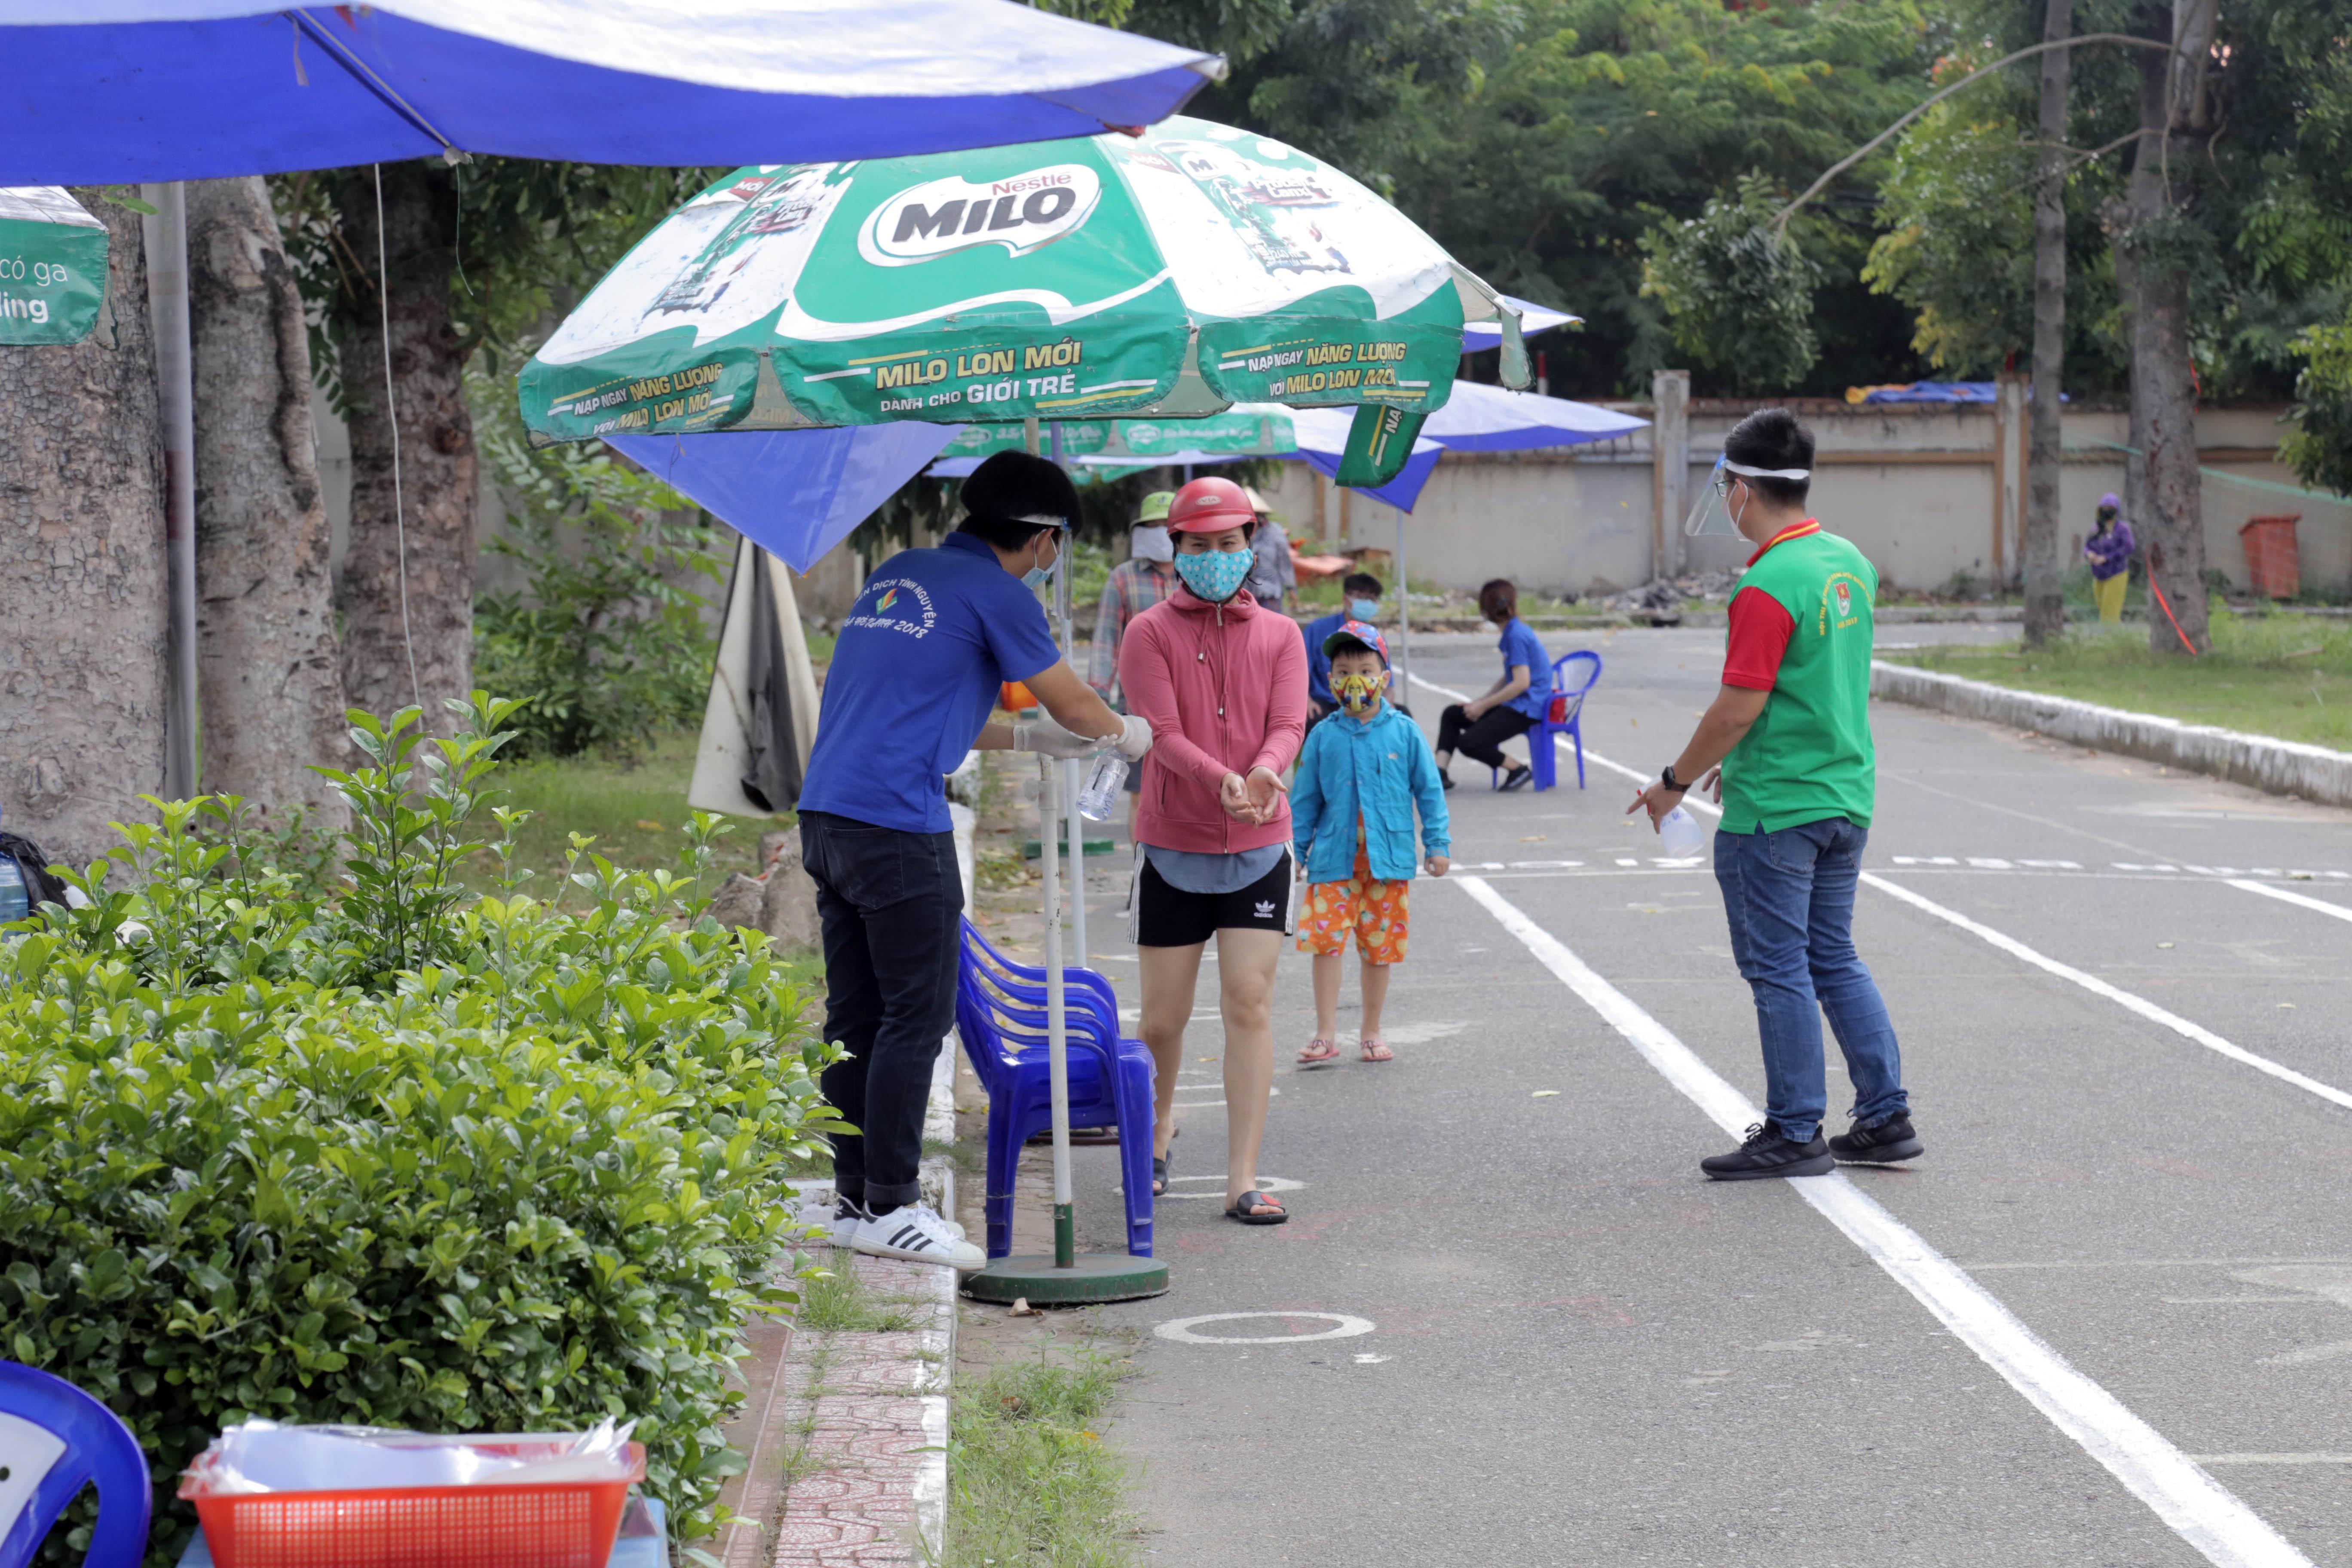 """""""ATM gạo"""" thứ 2 ở Sài Gòn hoạt động trong mùa dịch, bà con khó khăn chỉ cần đến """"máy sẽ tự động nhả gạo"""" - hình ảnh 4"""